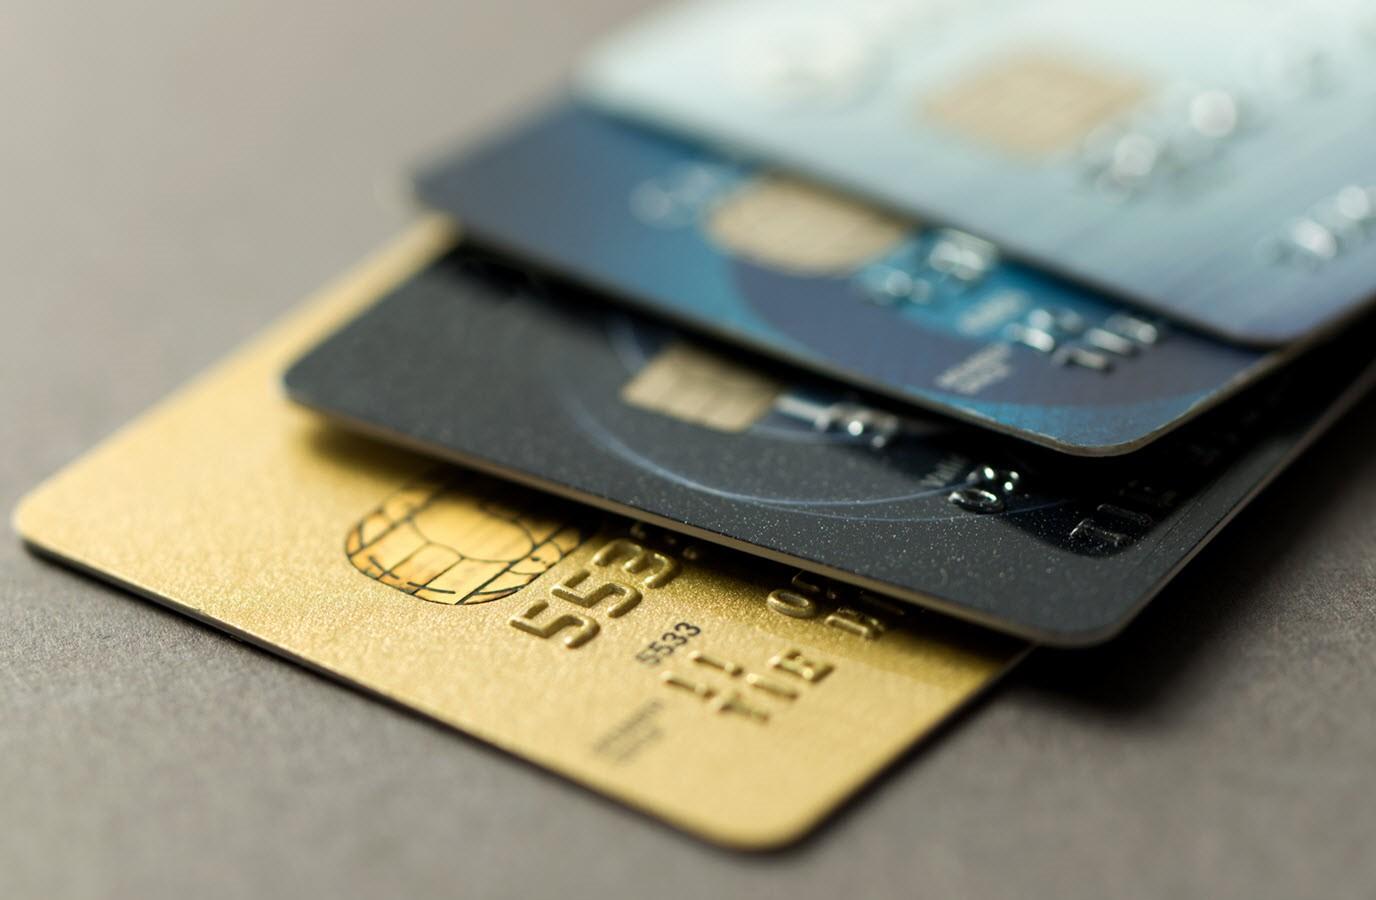 ما هو رقم بطاقة الائتمان Credit Cards اقرأ السوق المفتوح